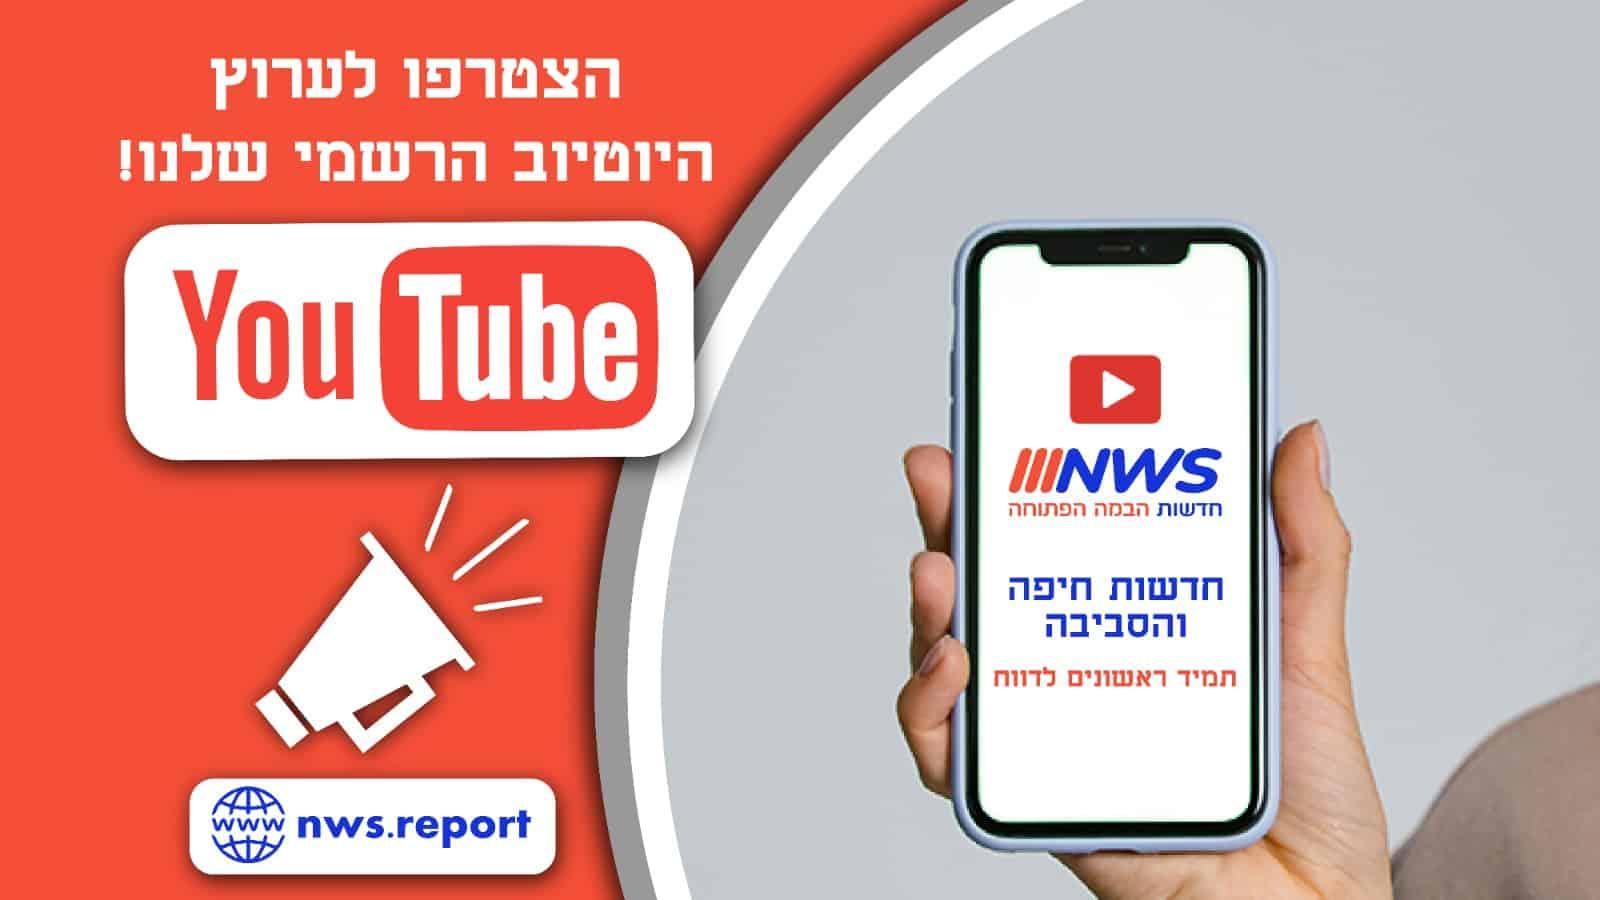 ערוץ YOUTUBE חדשות NWS